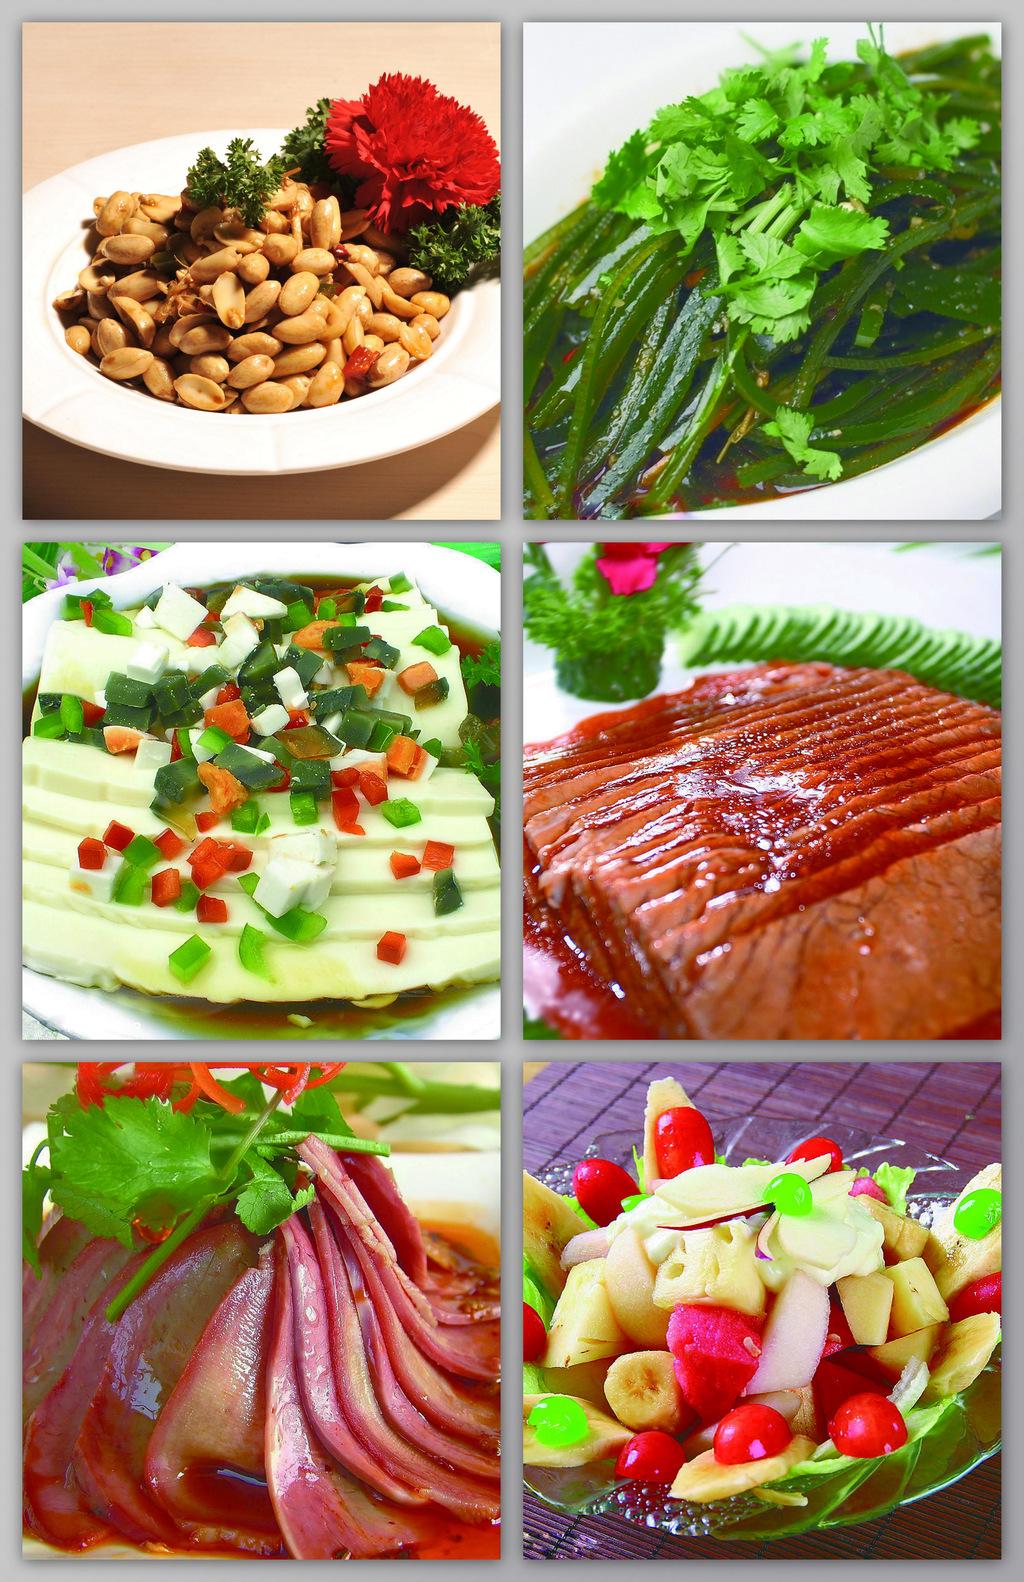 凉菜类菜单素材高清大图海报素材图片设计 JPG模板下载 33.22MB QQ0053DDEB328E1分享 其他大全